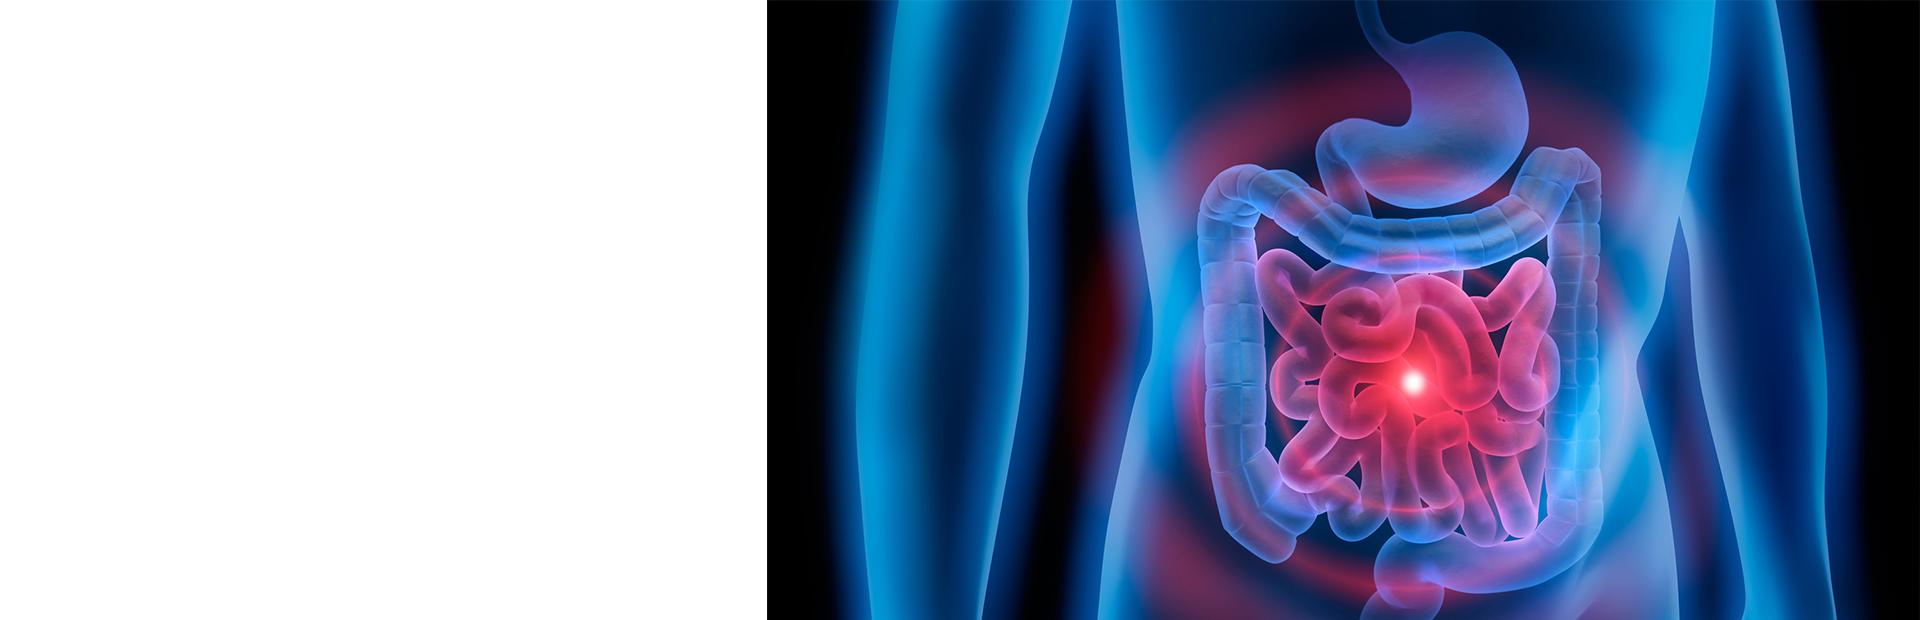 Оценка состояния инкреторной функции желудочно-кишечного тракта